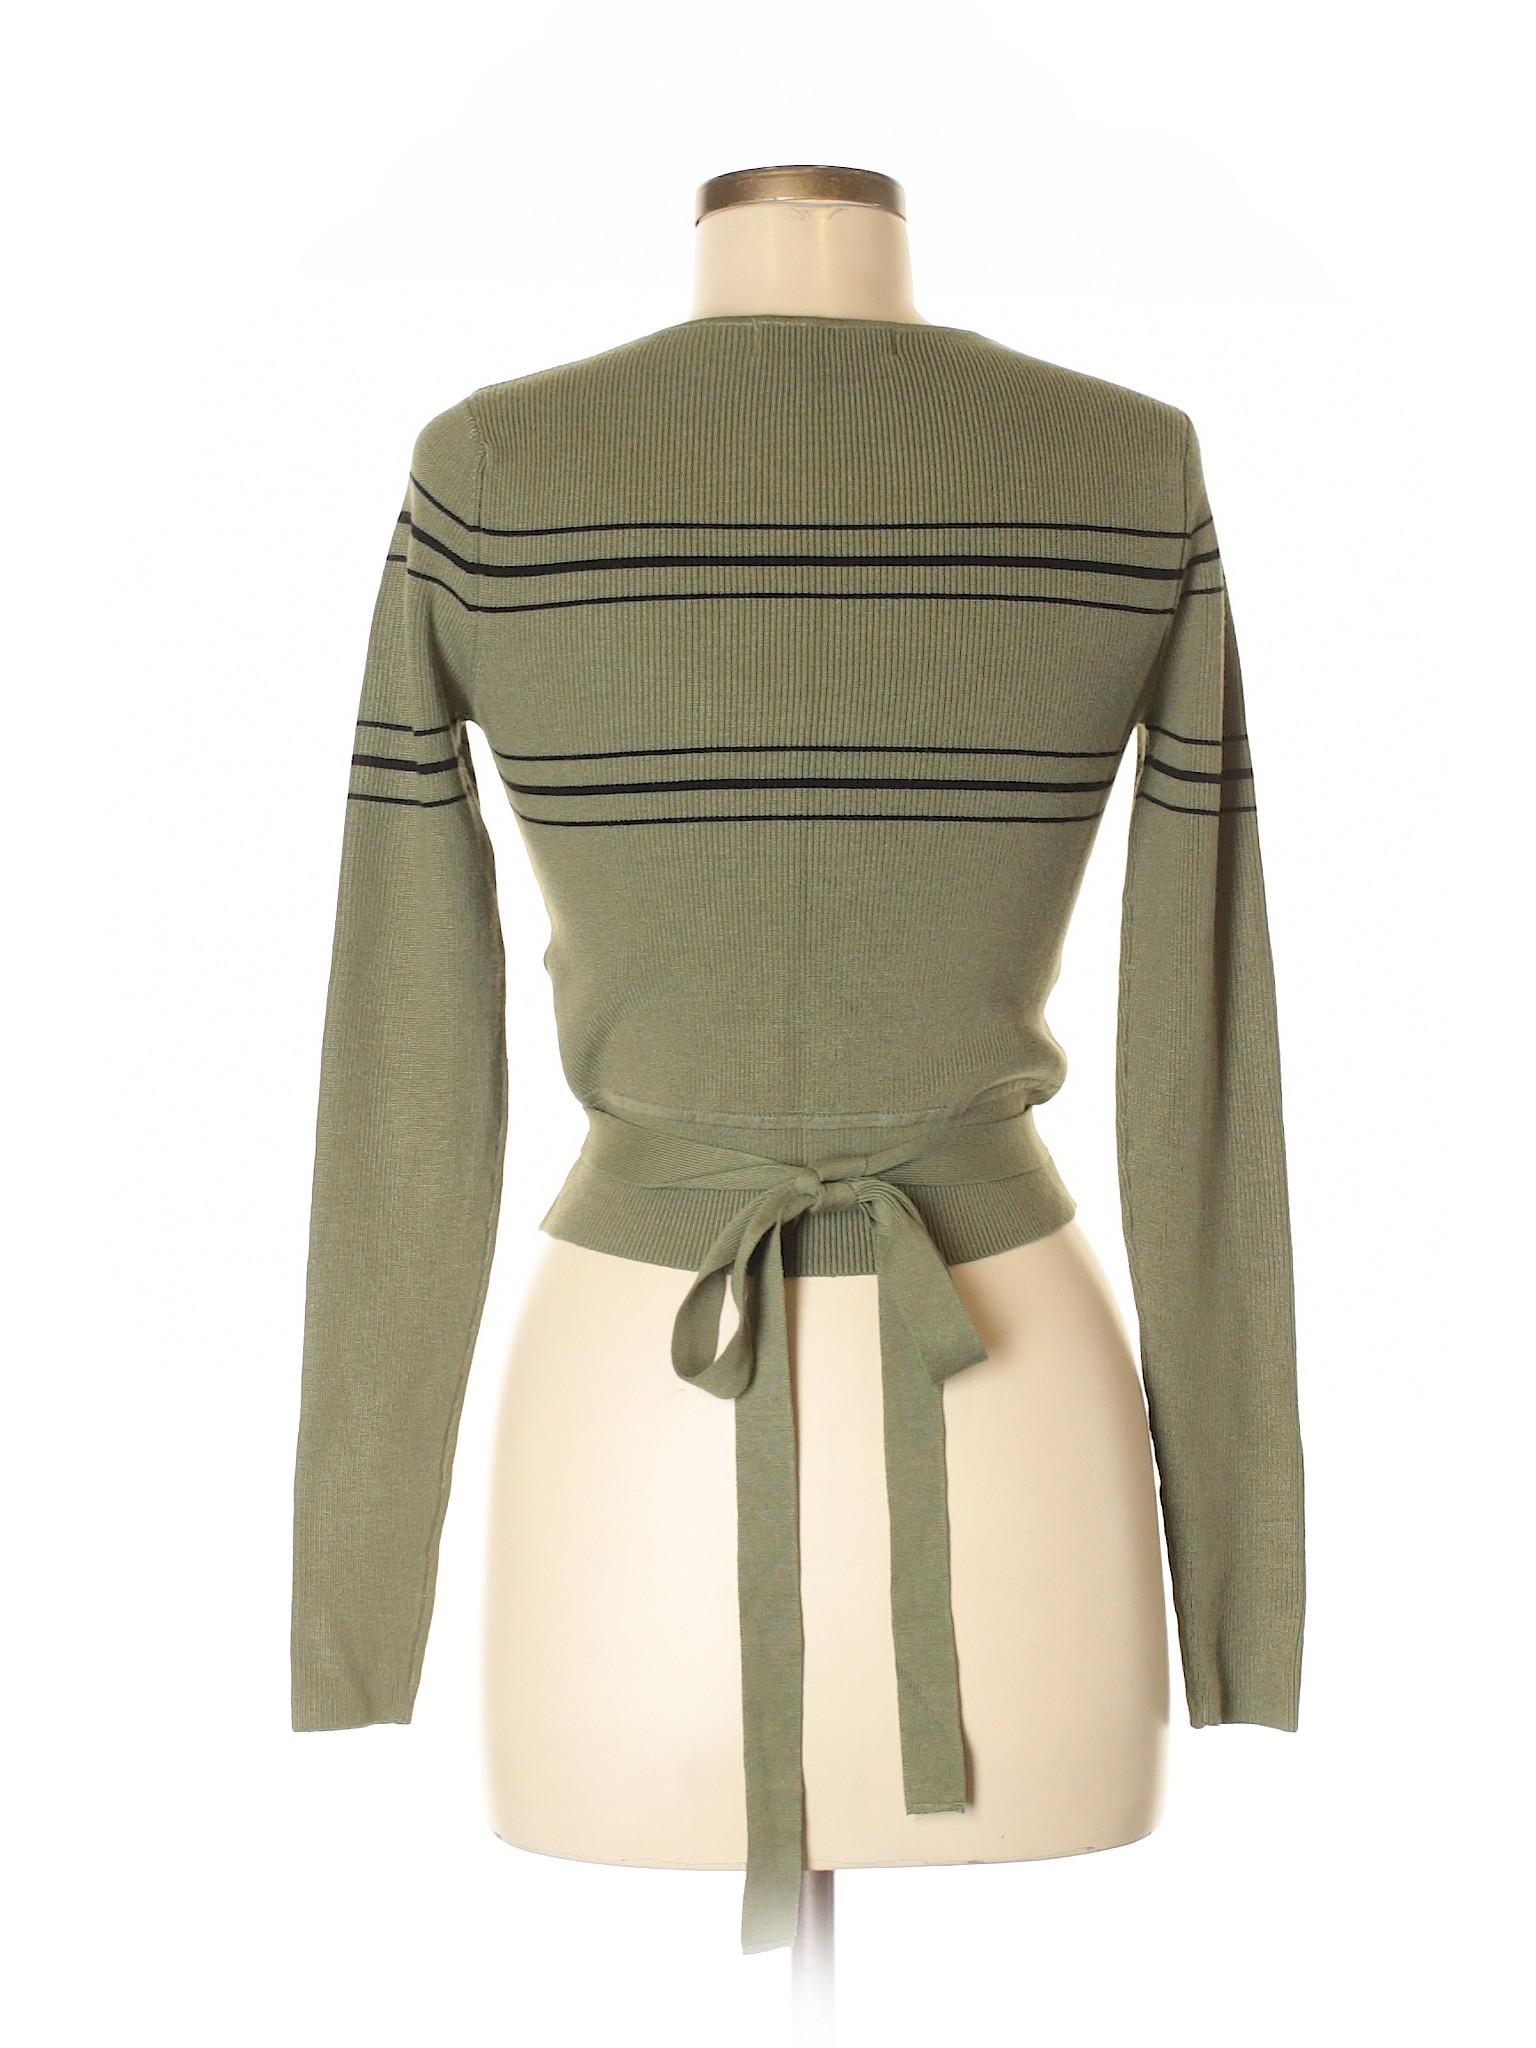 Winter Zara Boutique Boutique Zara Winter Sweater Pullover Pullover qwgxZa4